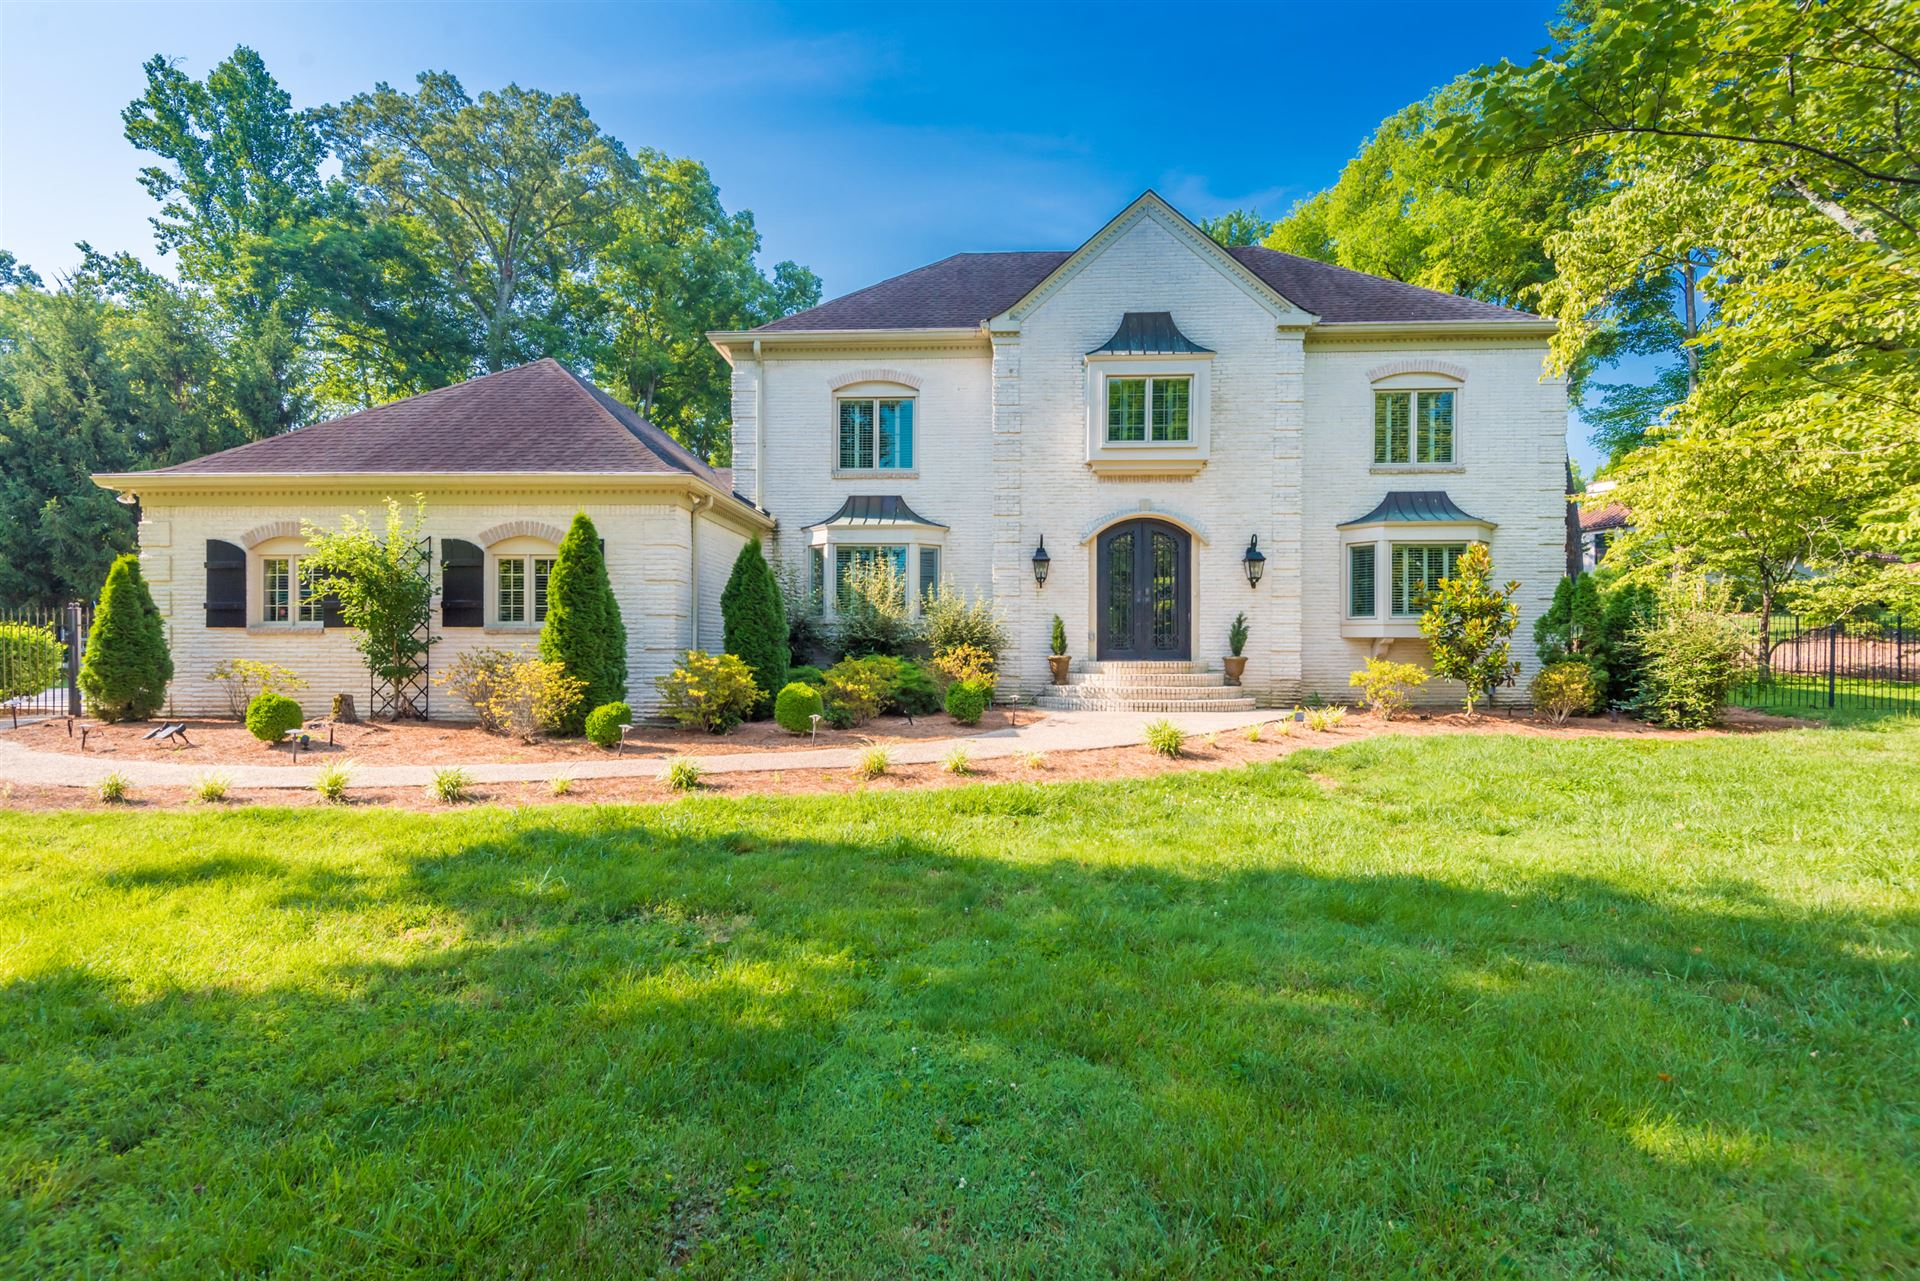 415 Cherokee Blvd, Knoxville, TN 37919 - MLS#: 1159656